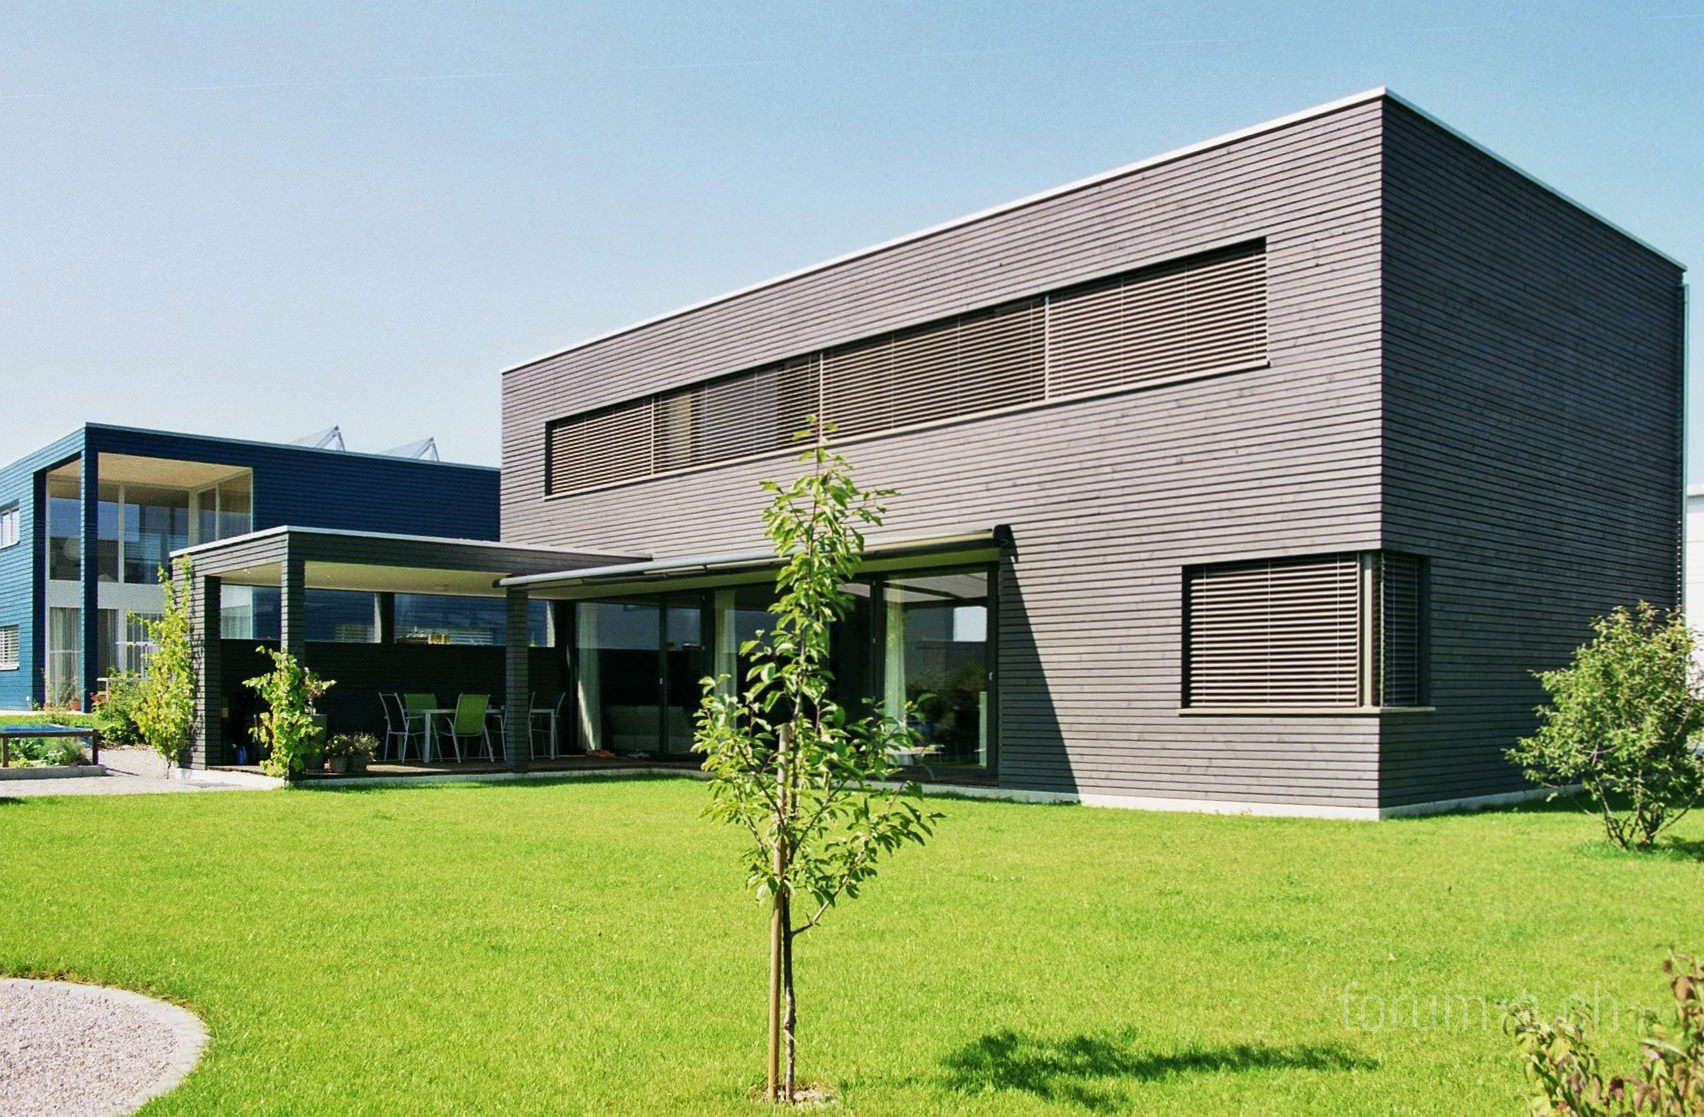 Einfamilienhaus in burgdorf forum a architektur for Einfamilienhaus flachdach